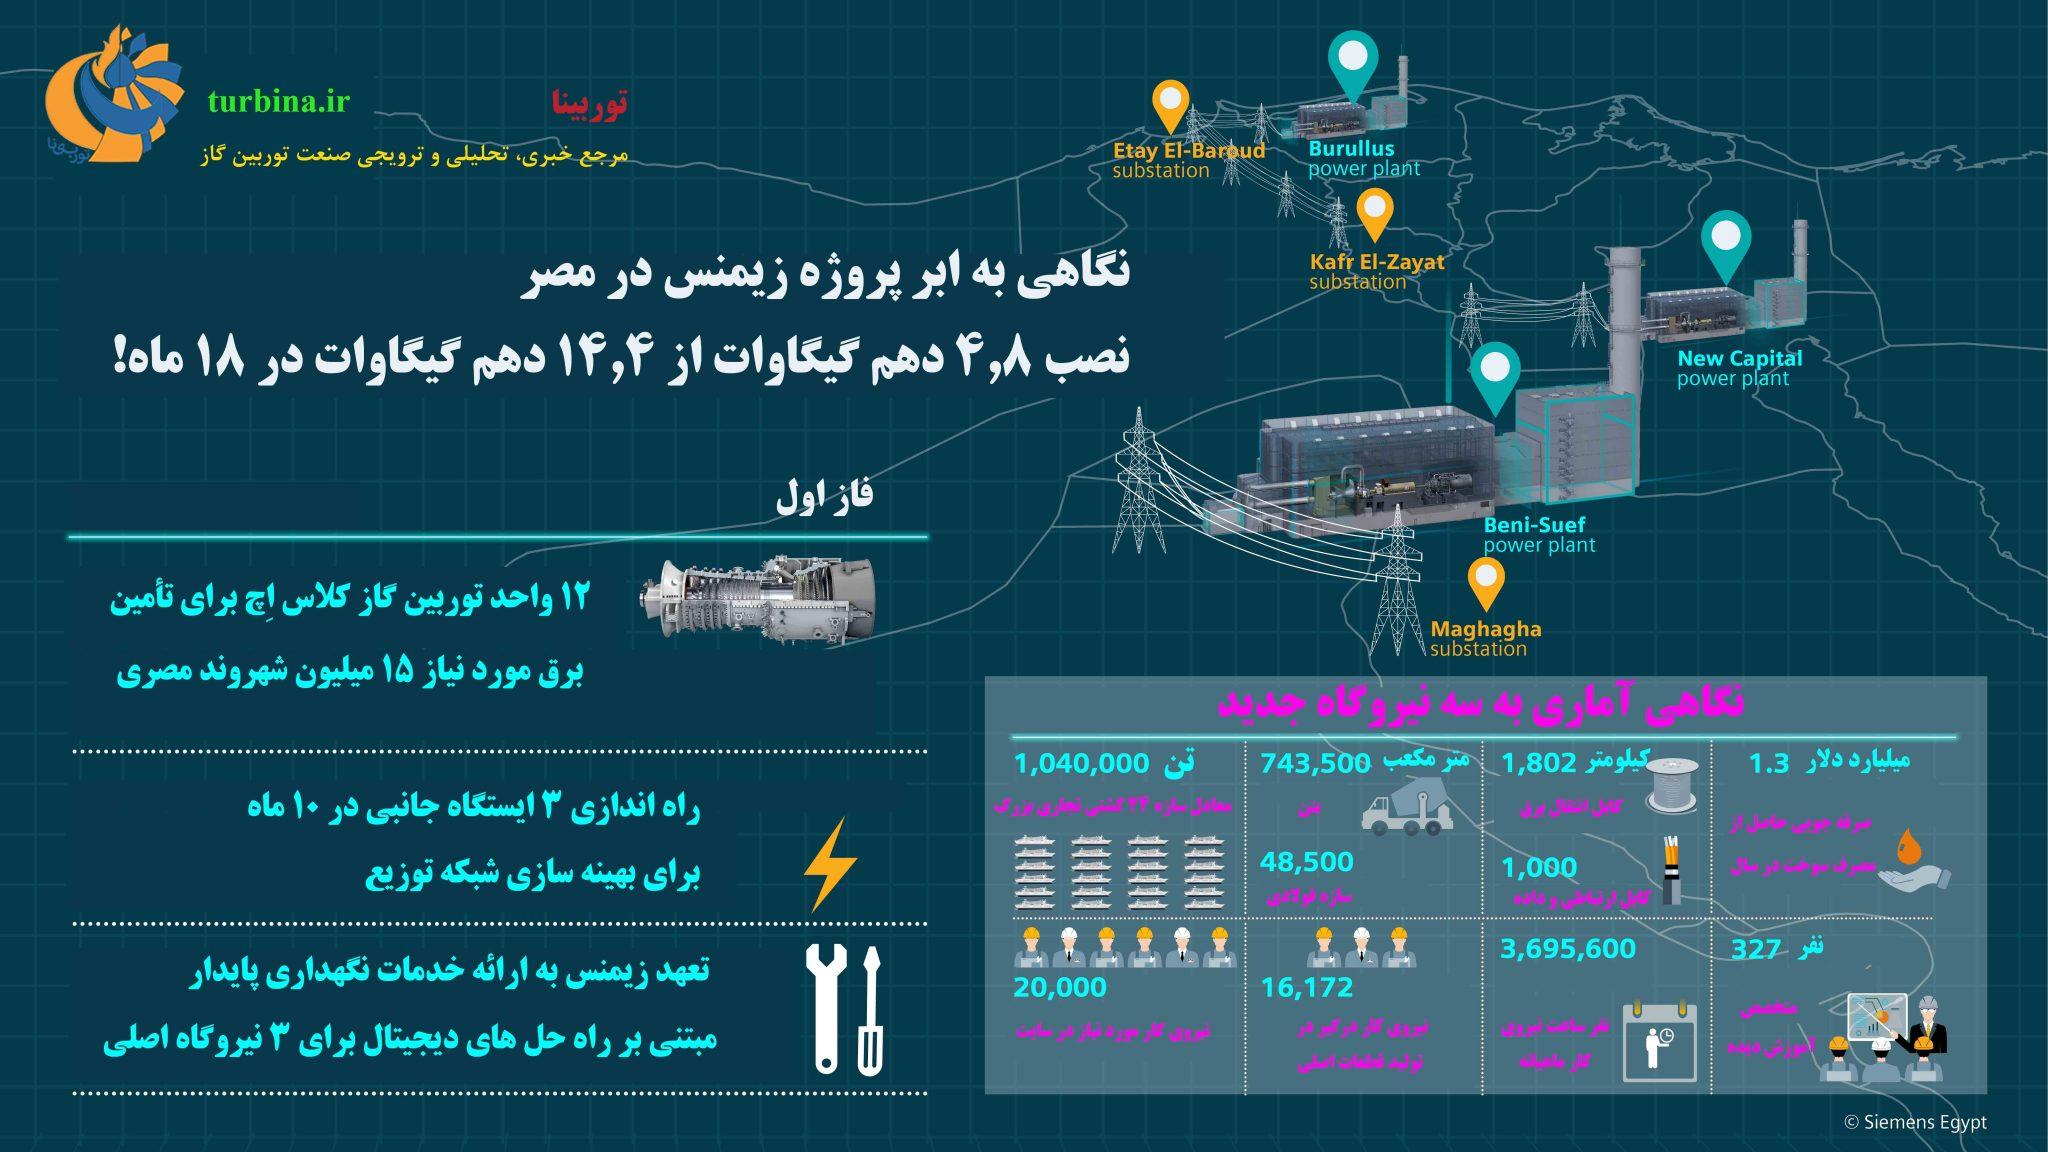 نگاهی به ابر پروژه زیمنس در مصر